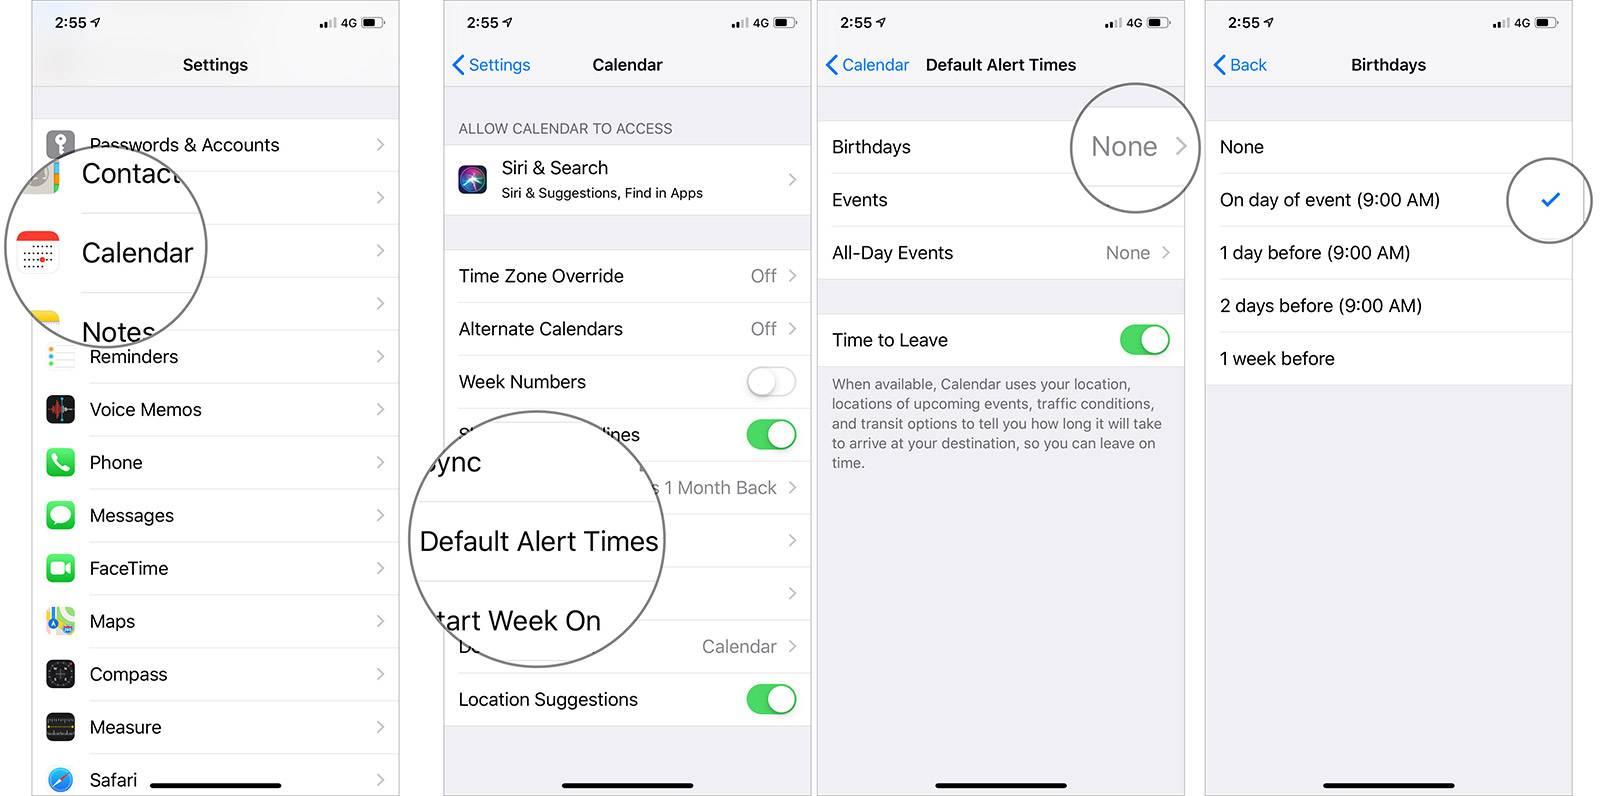 روش تنظیم زمان دریافت alert زادروز یا Birthday در آیفون و آیپد